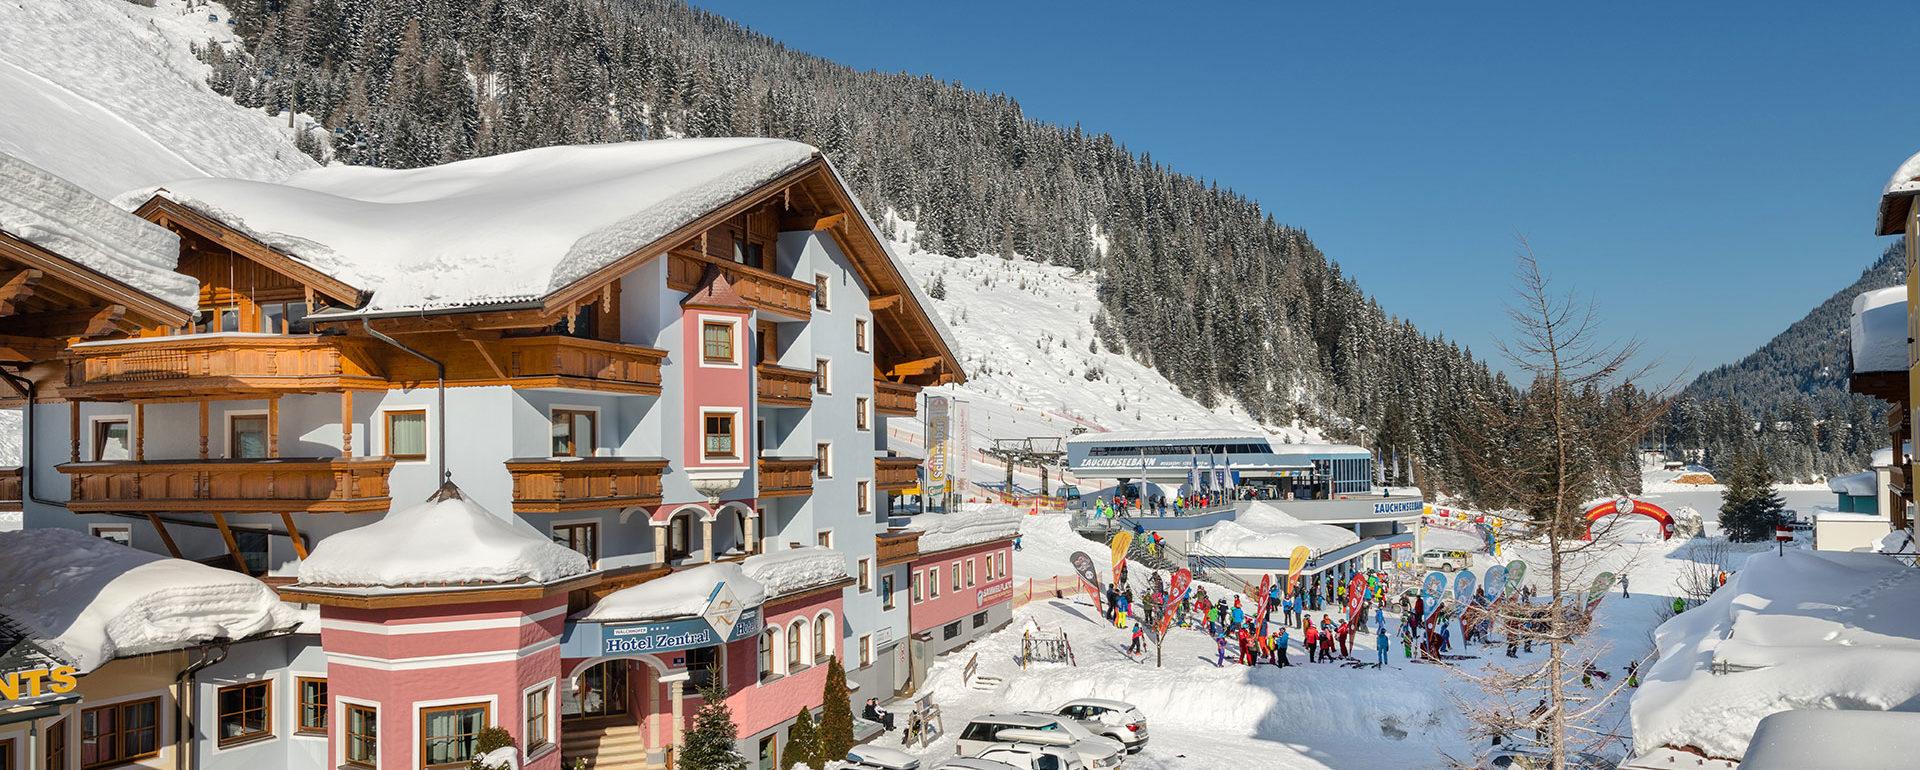 Kontakt zum Hotel Zauchensee Zentral